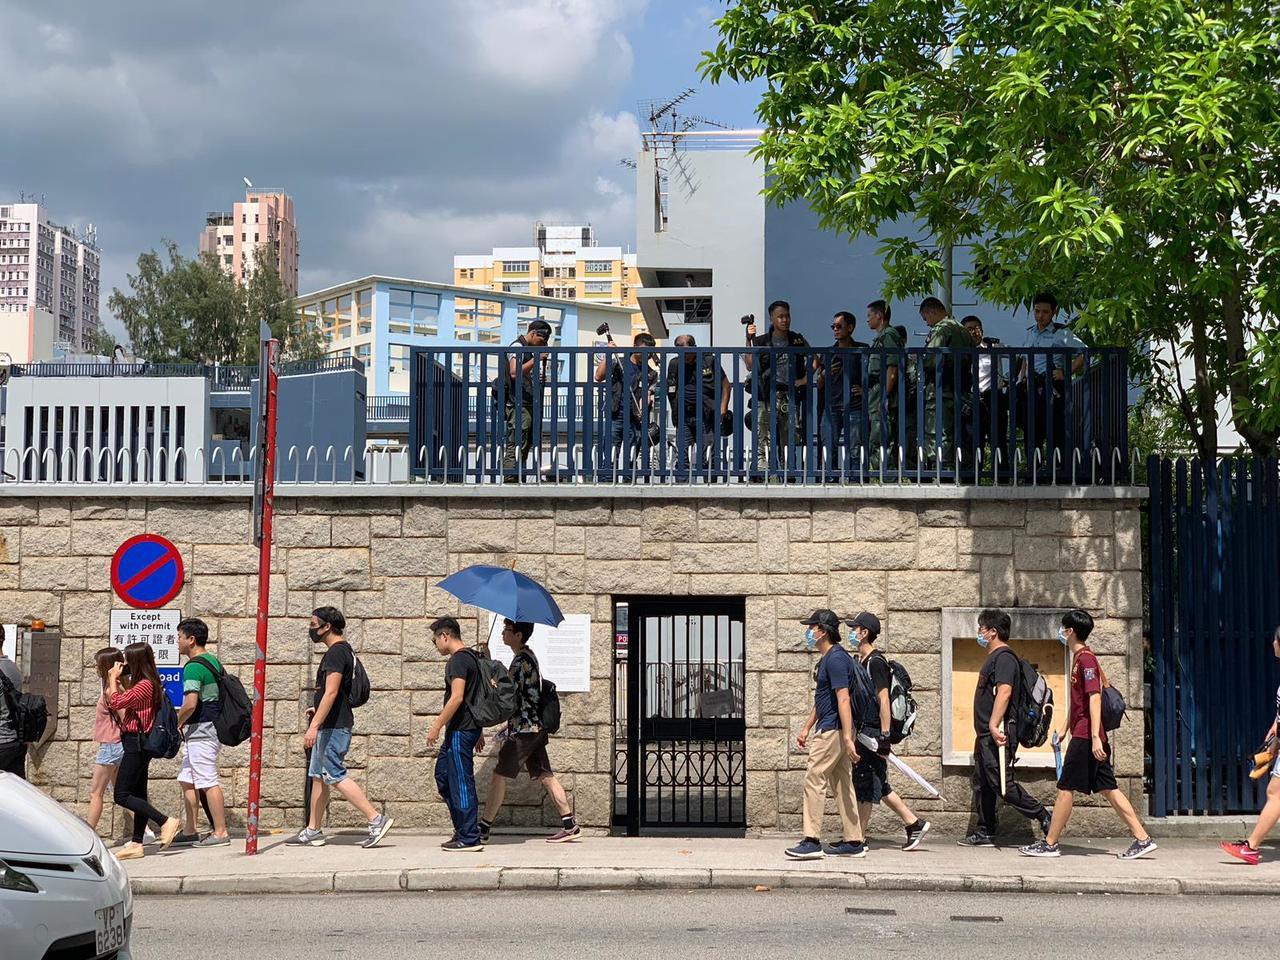 一批身穿黑衣、戴口罩和頭盔人士,午後陸續在元朗一帶聚集,當中部分人士手持雨傘。(...